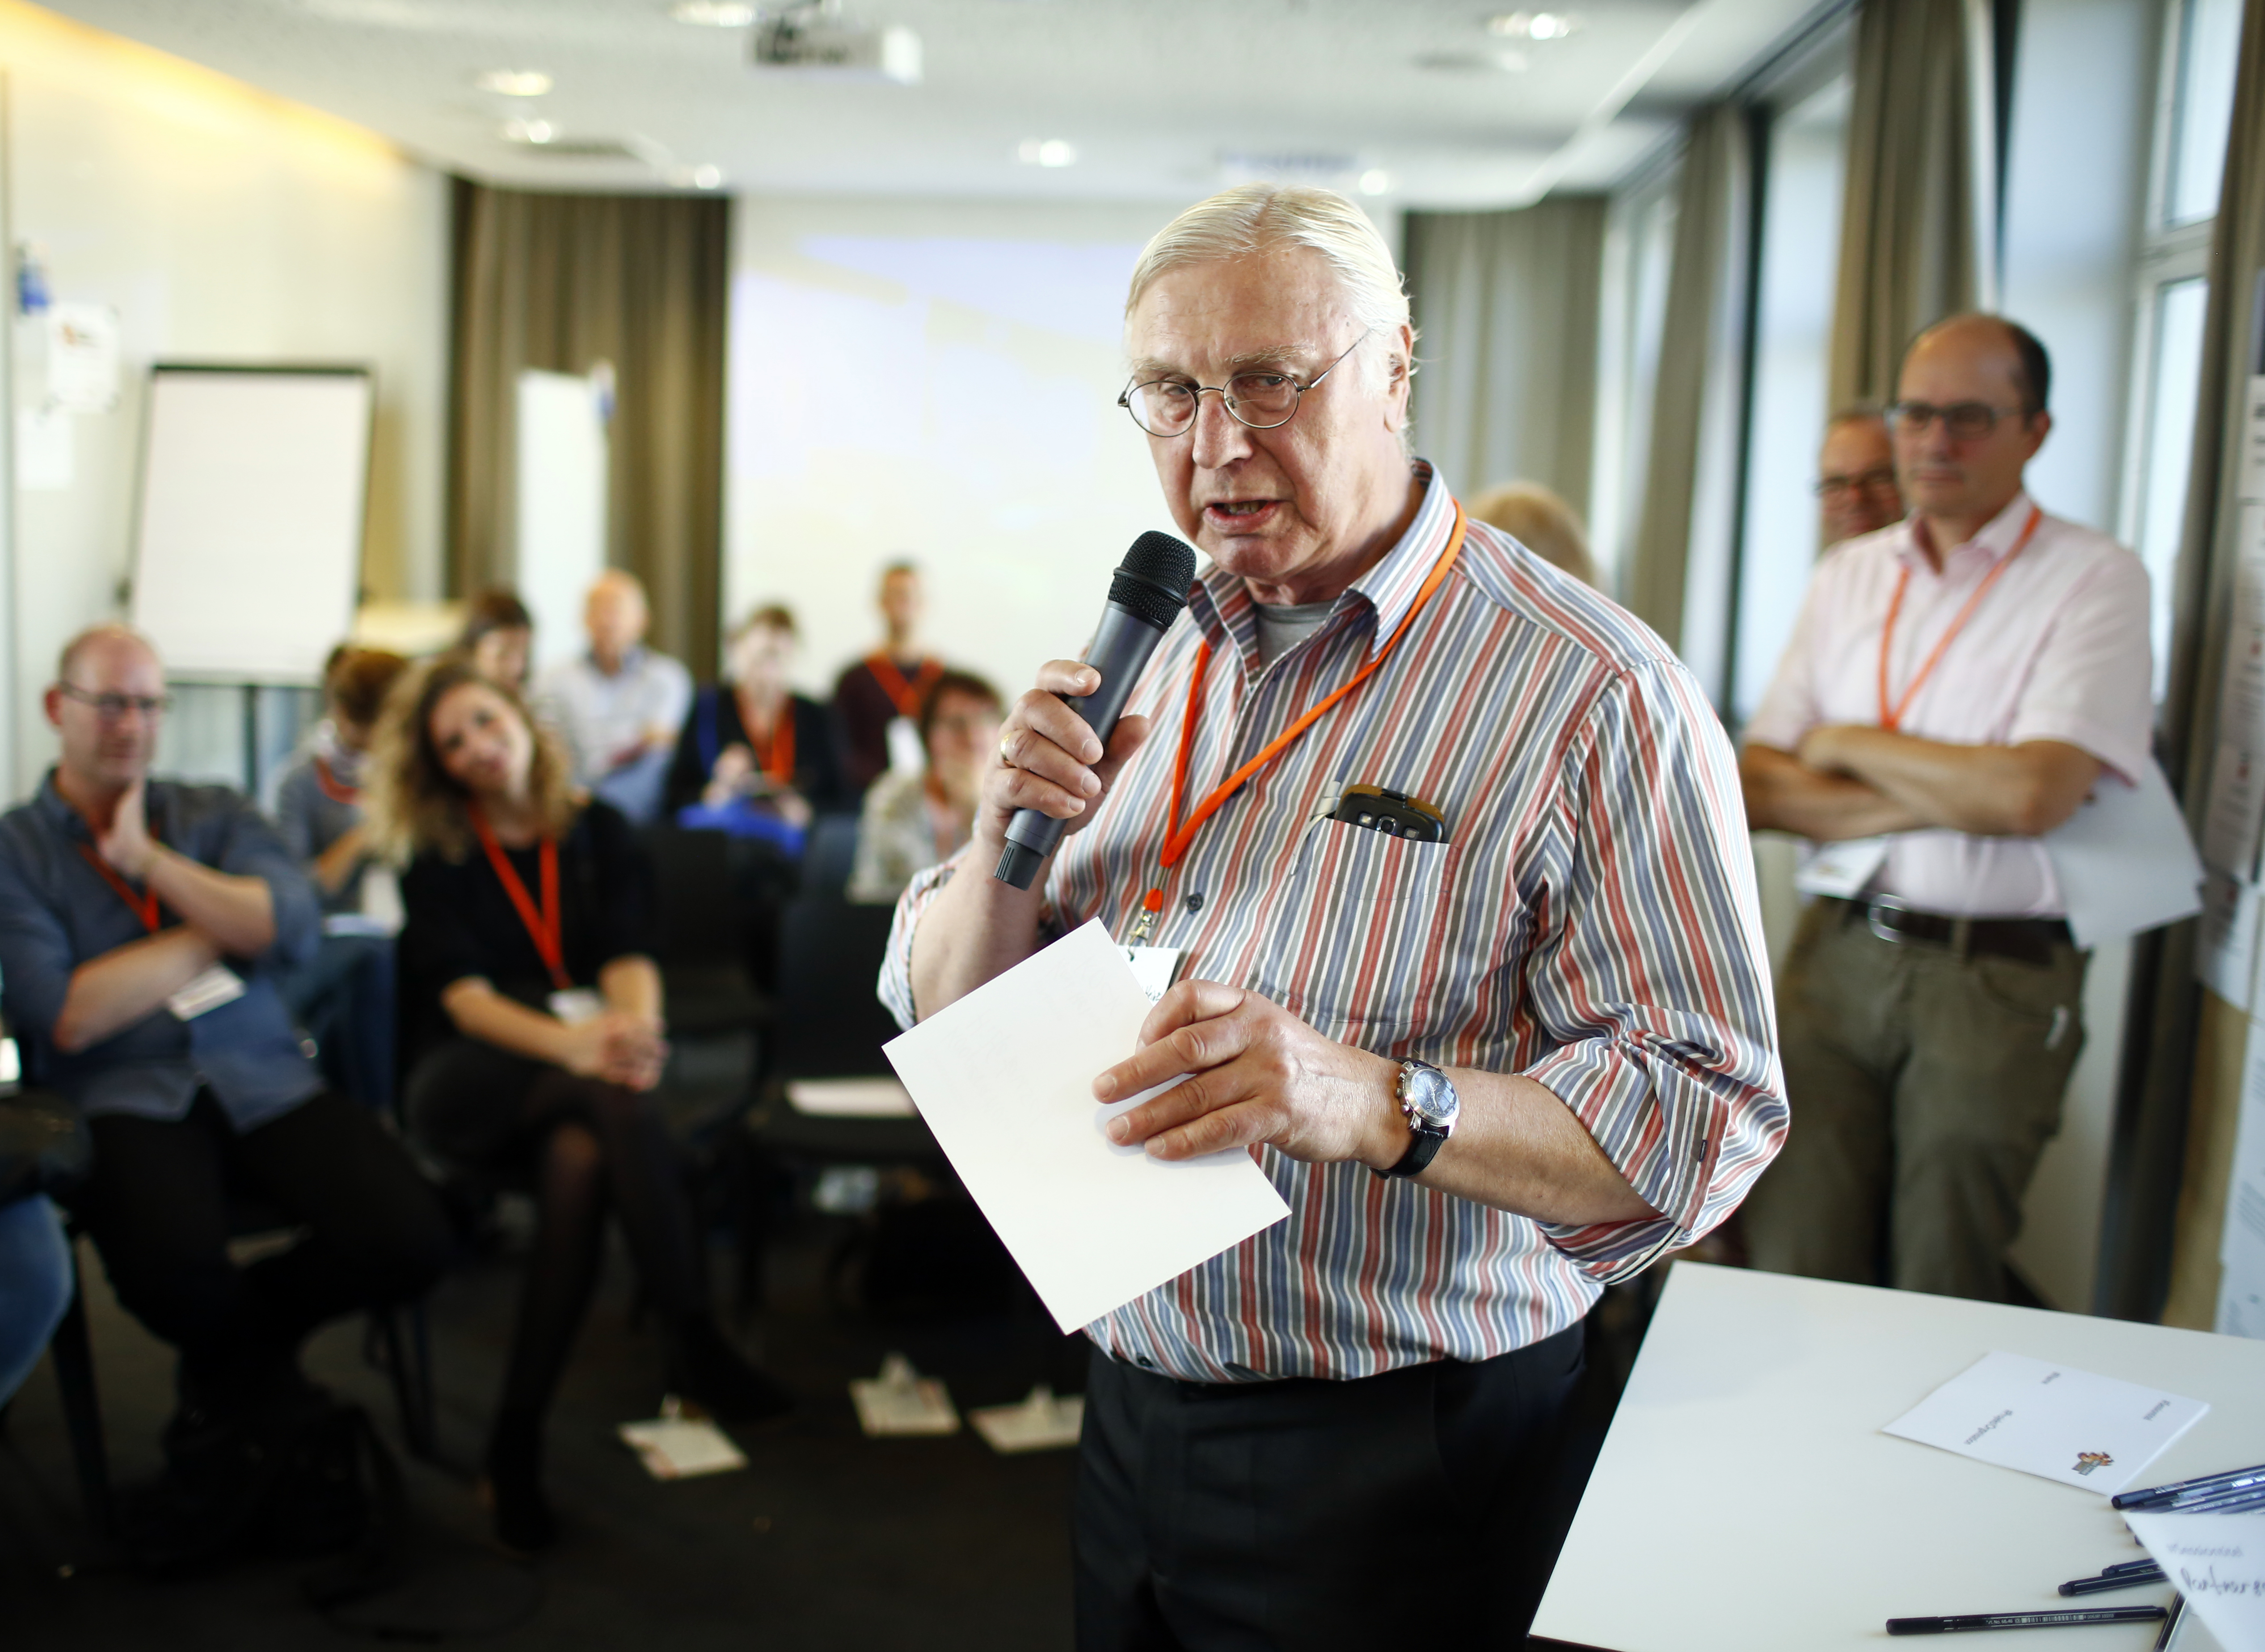 Ein älterer Mann steht mit einem Mikrofon vor einem sitzenden Publikum.